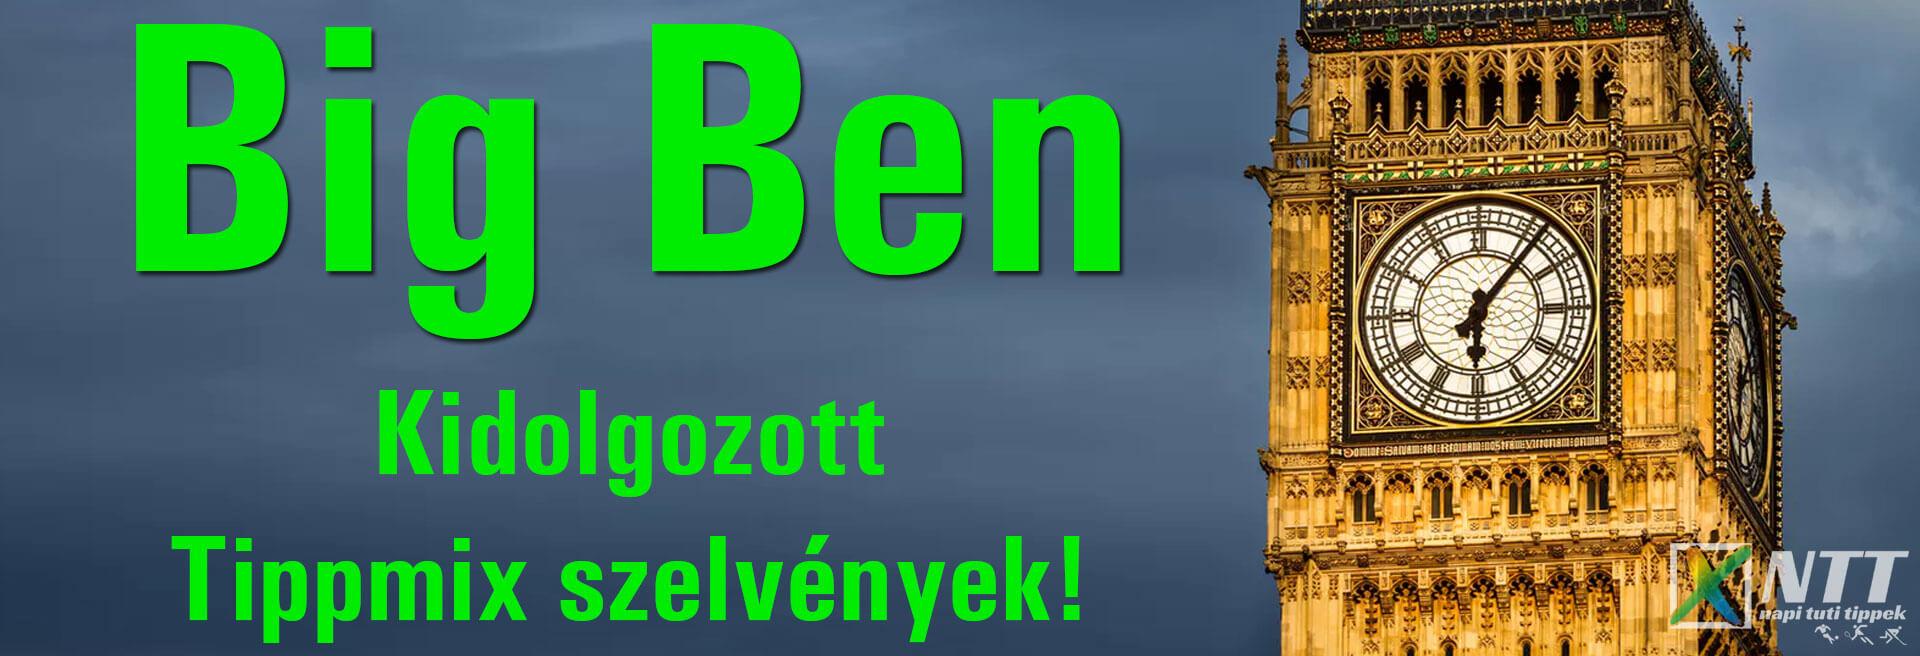 Big Ben - Tippmix tippek 1 - Tippmix tippek